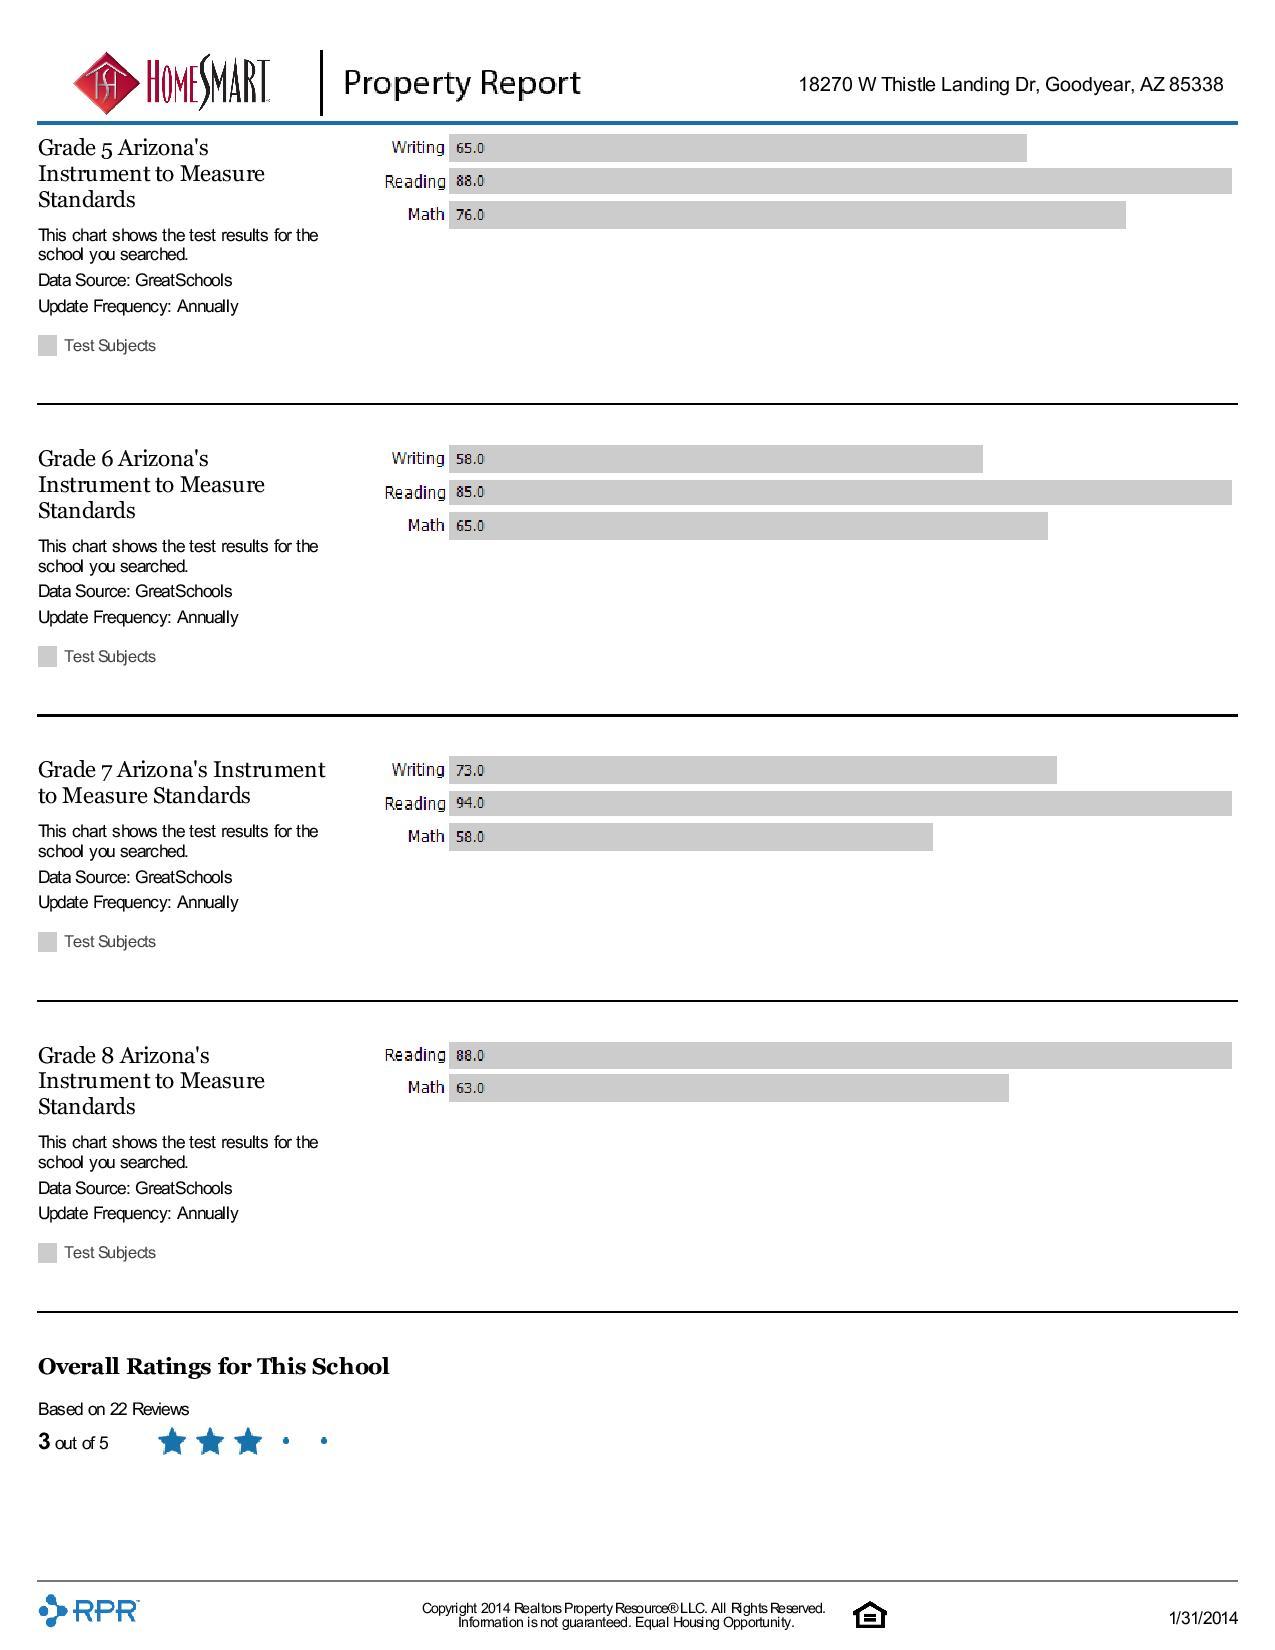 18270-W-Thistle-Landing-Dr-Goodyear-AZ-85338.pdf-page-011